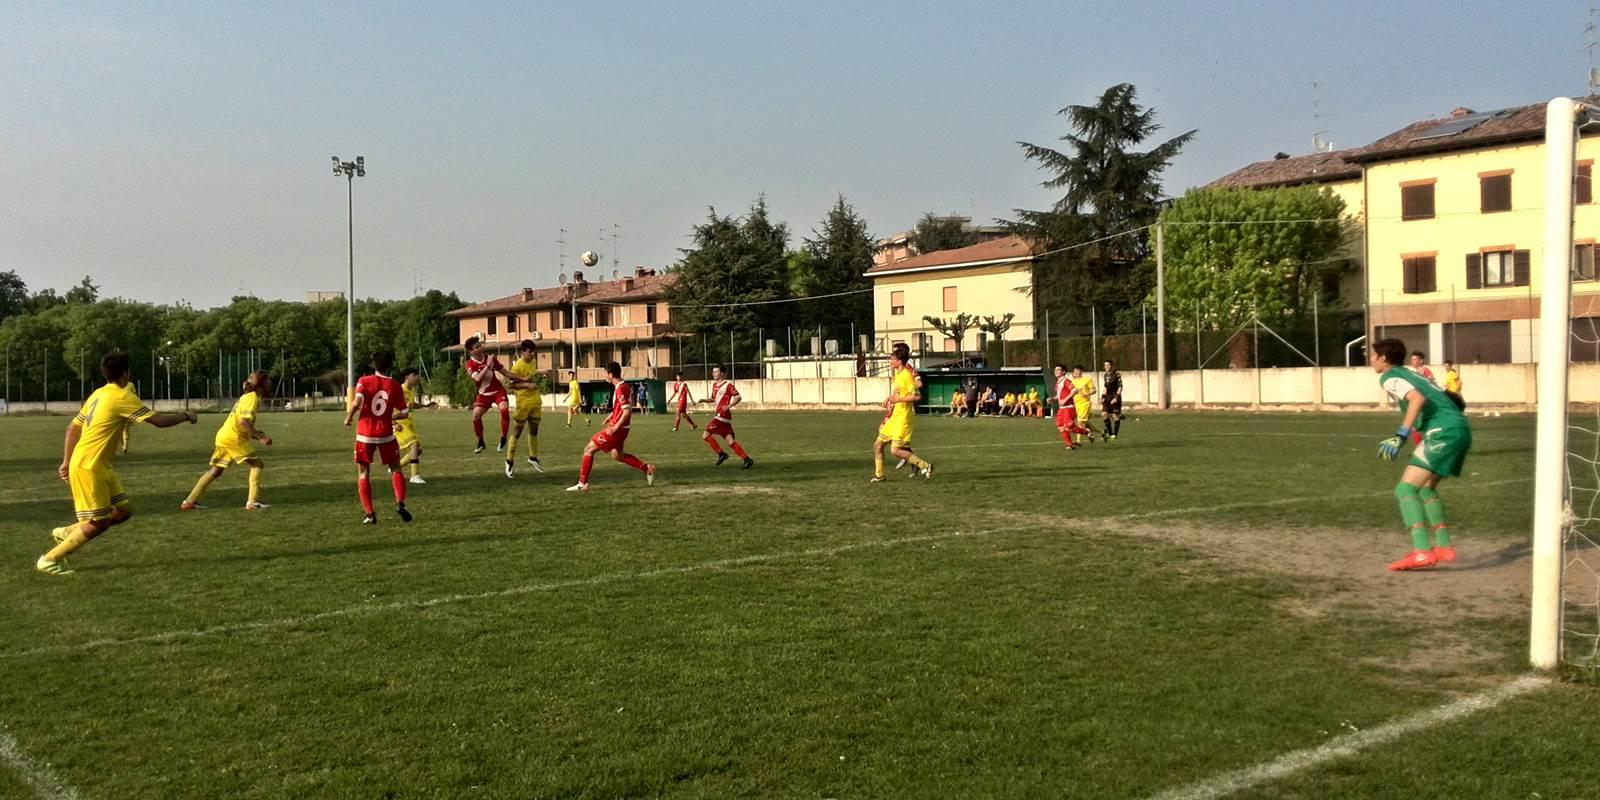 Sassi 27 - U17 Mantova-Formigine 1-0 f14